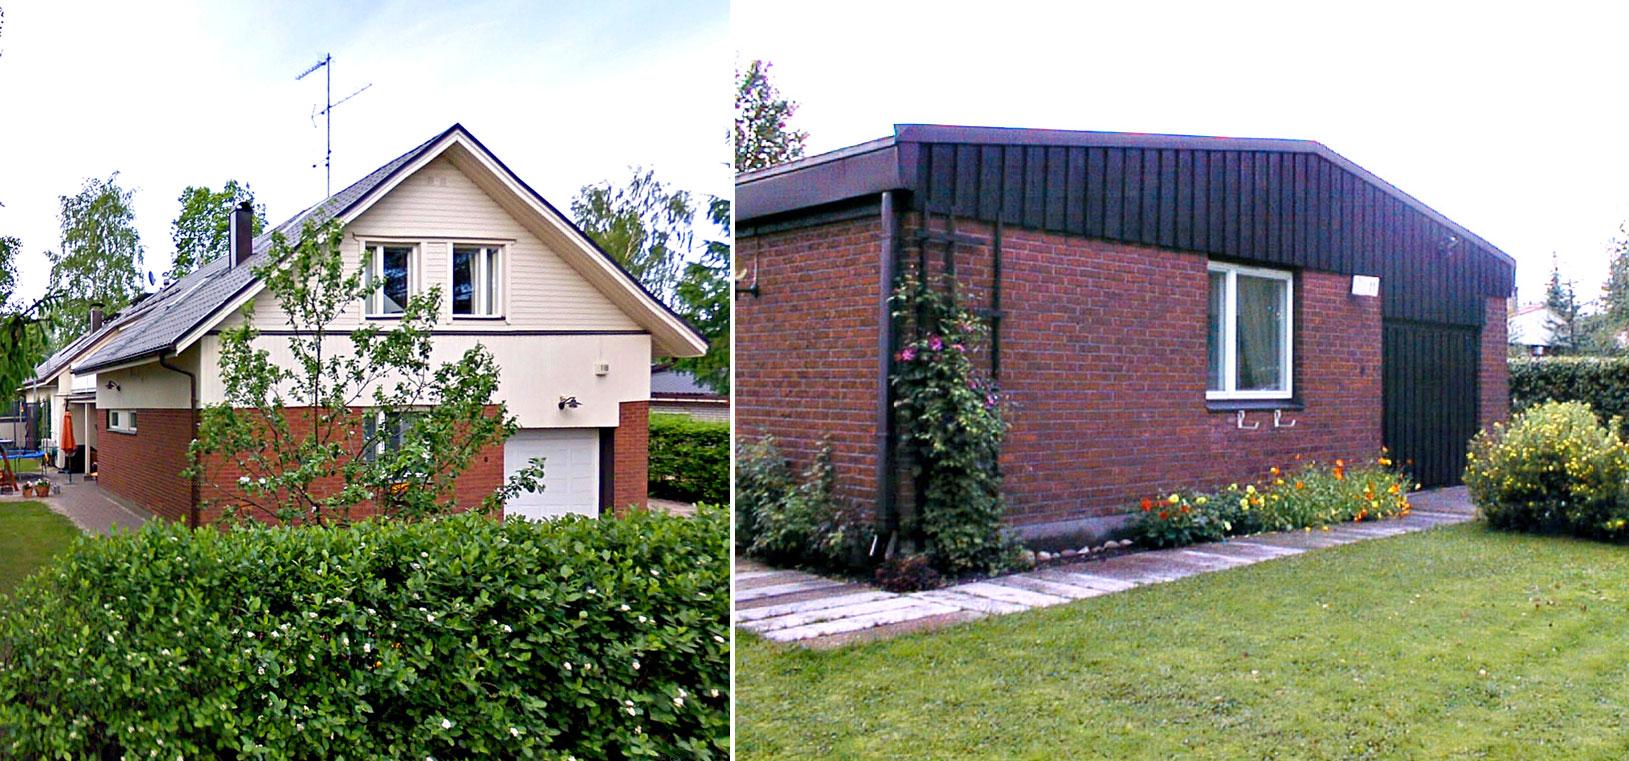 Oikealla talon A-asunnon autotallipääty ennen toisen kerroksen rakentamista, vasemmalla autotallipääty remontin jälkeen. Vasen kuva Google Maps Street View.